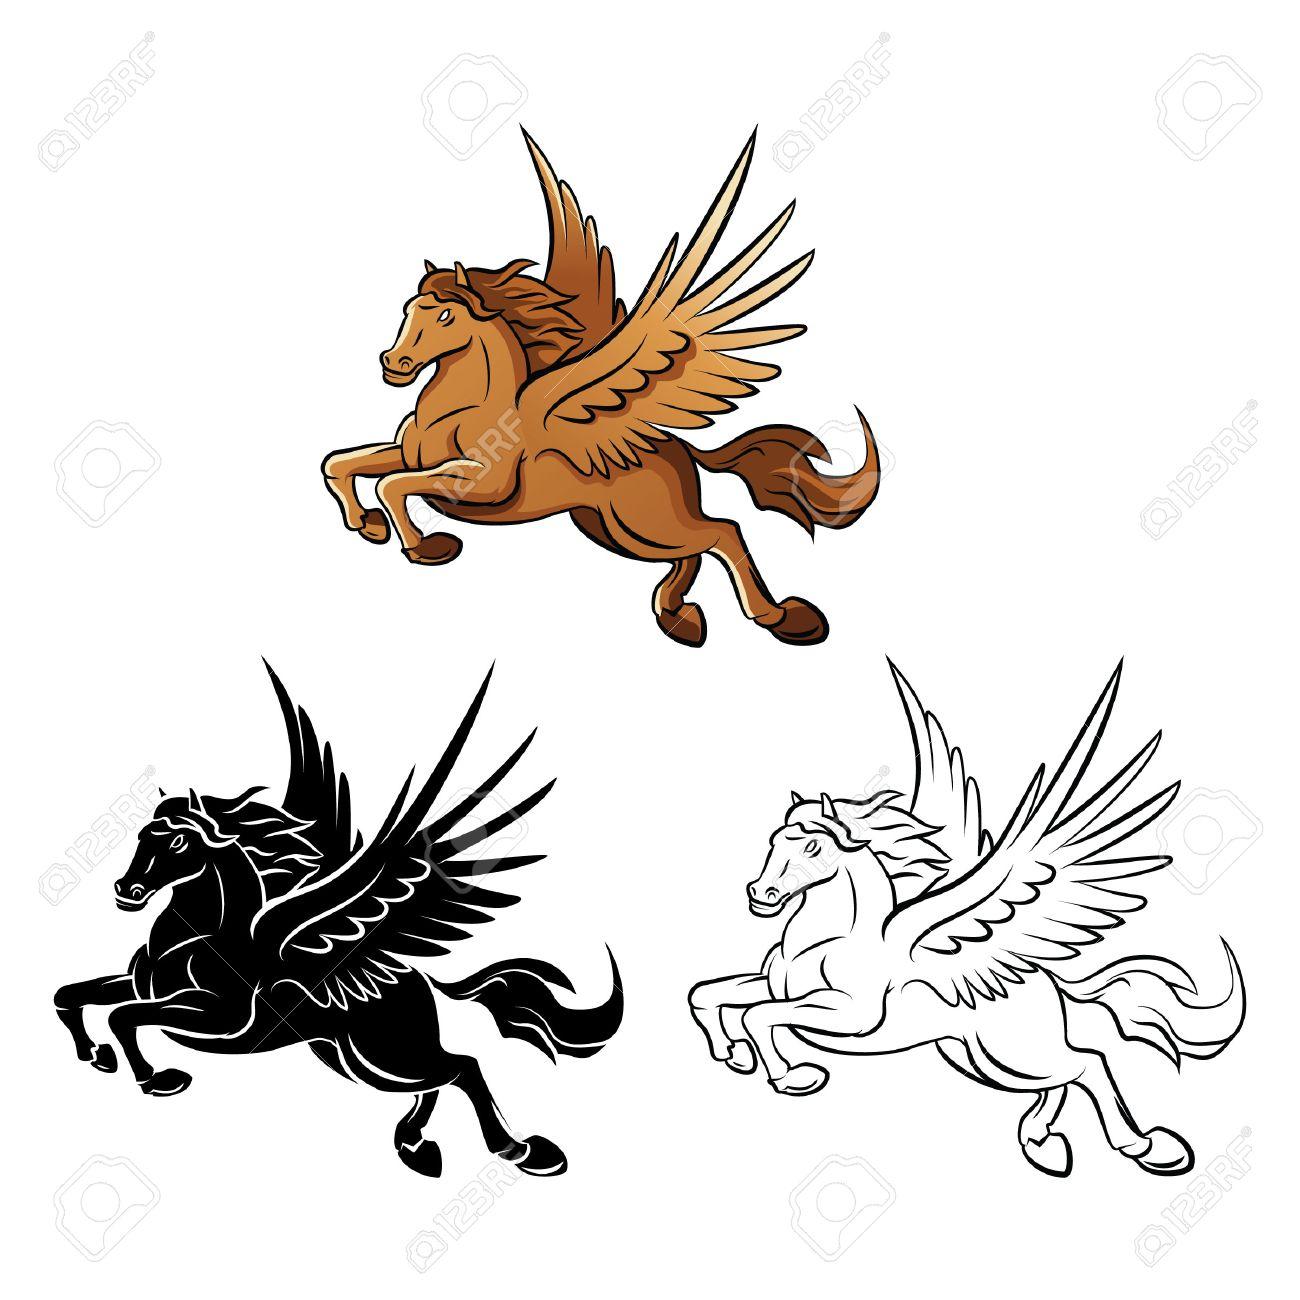 Malbuch Pferd Flügel Zeichentrickfigur Lizenzfrei Nutzbare ...